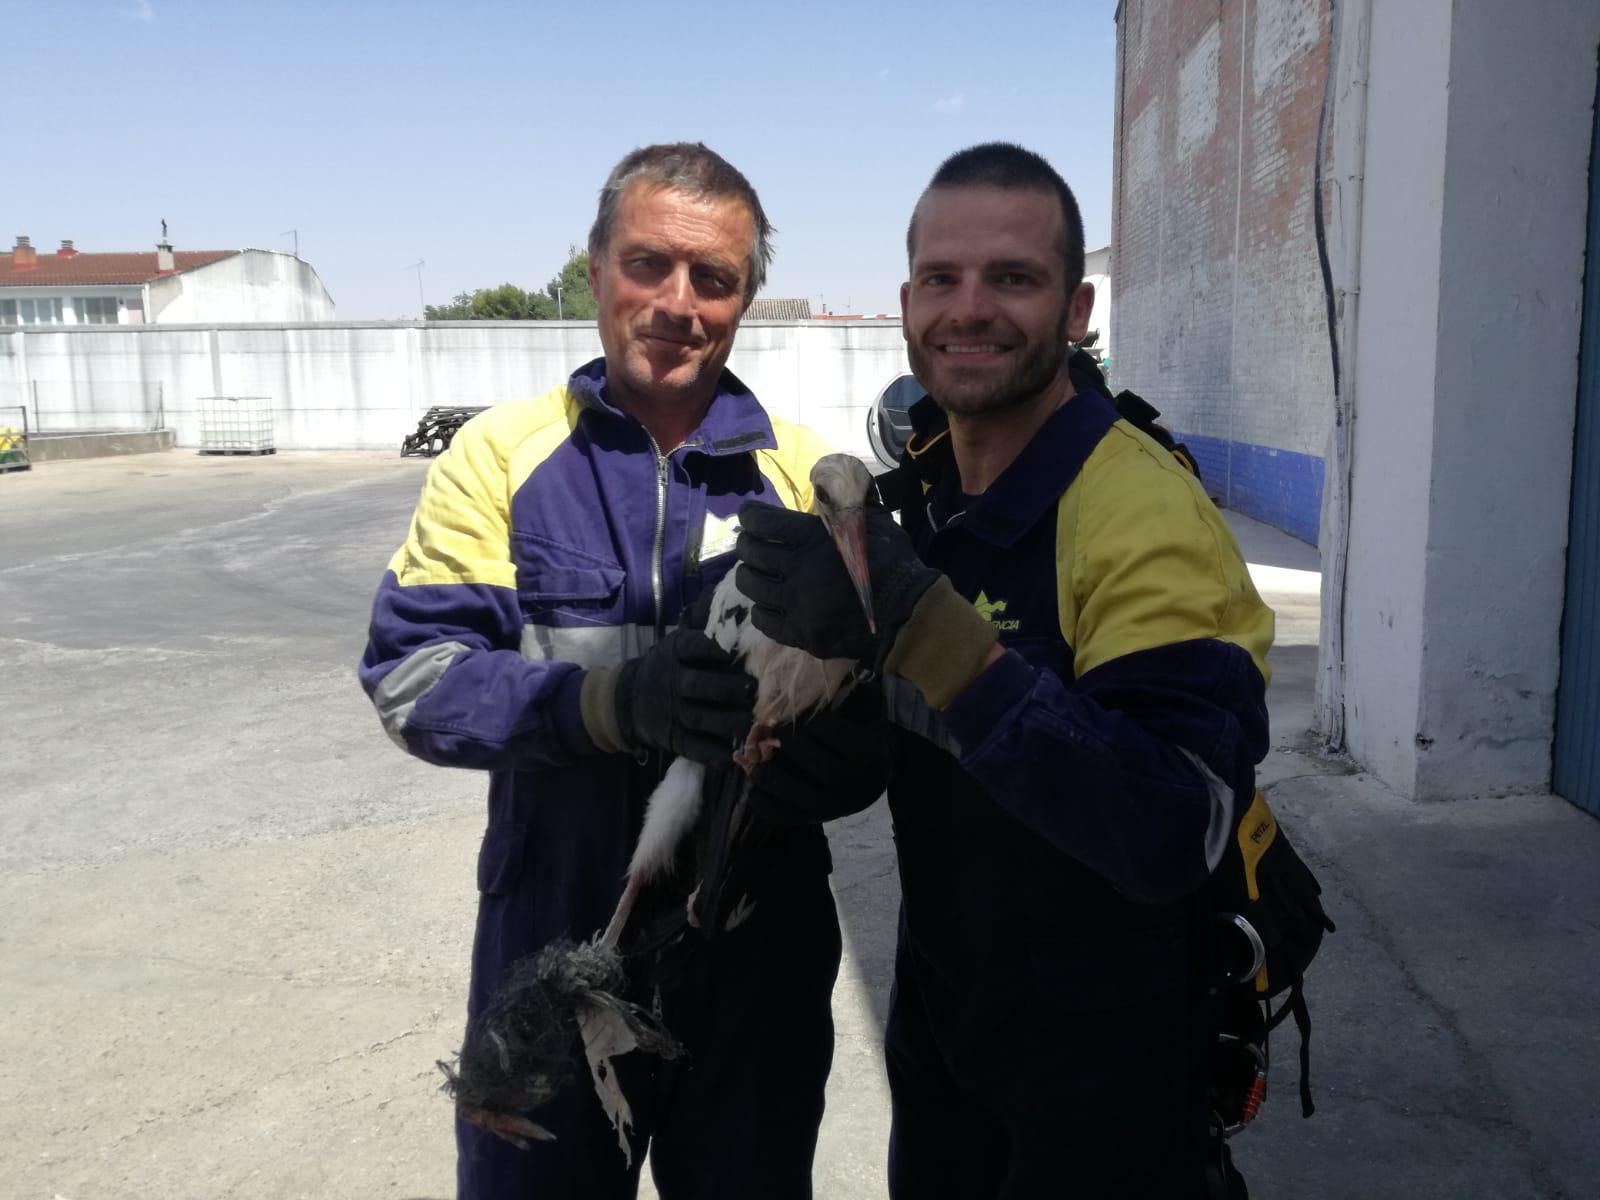 rescate cig%C3%BCe%C3%B1a - Los bomberos rescatan una cigüeña en Herencia que finalmente no logró sobrevivir a sus heridas